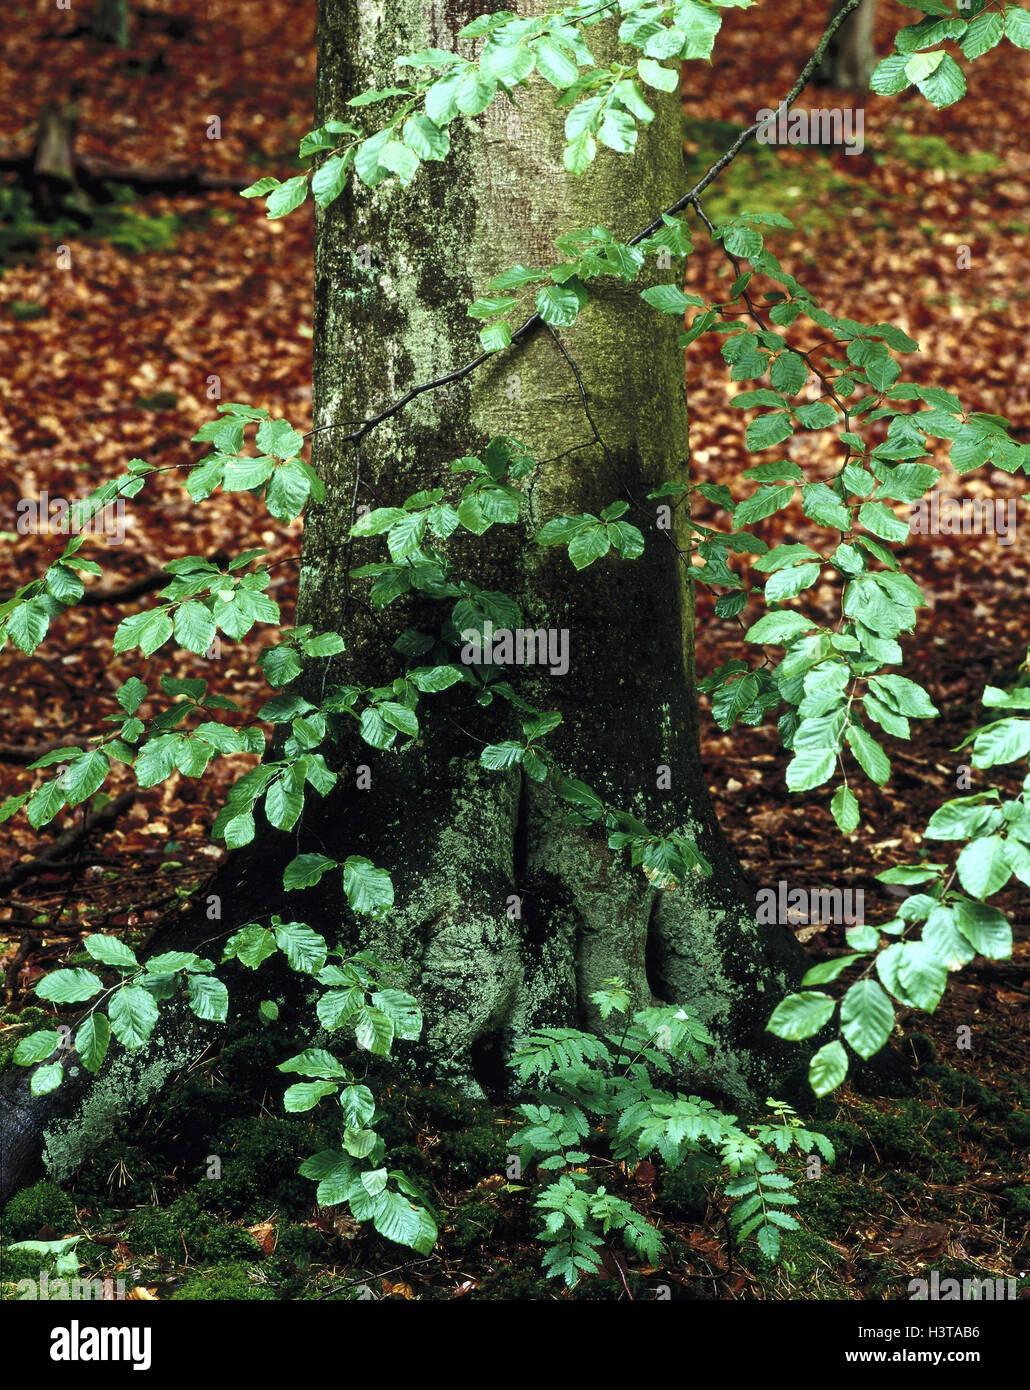 Buche Bäume, Stamm, Detail, Holz, Buch, Fagus spec, Stamm, Stamm, breitblättrigen Baum, Moos, Moos bedeckt, Stockbild